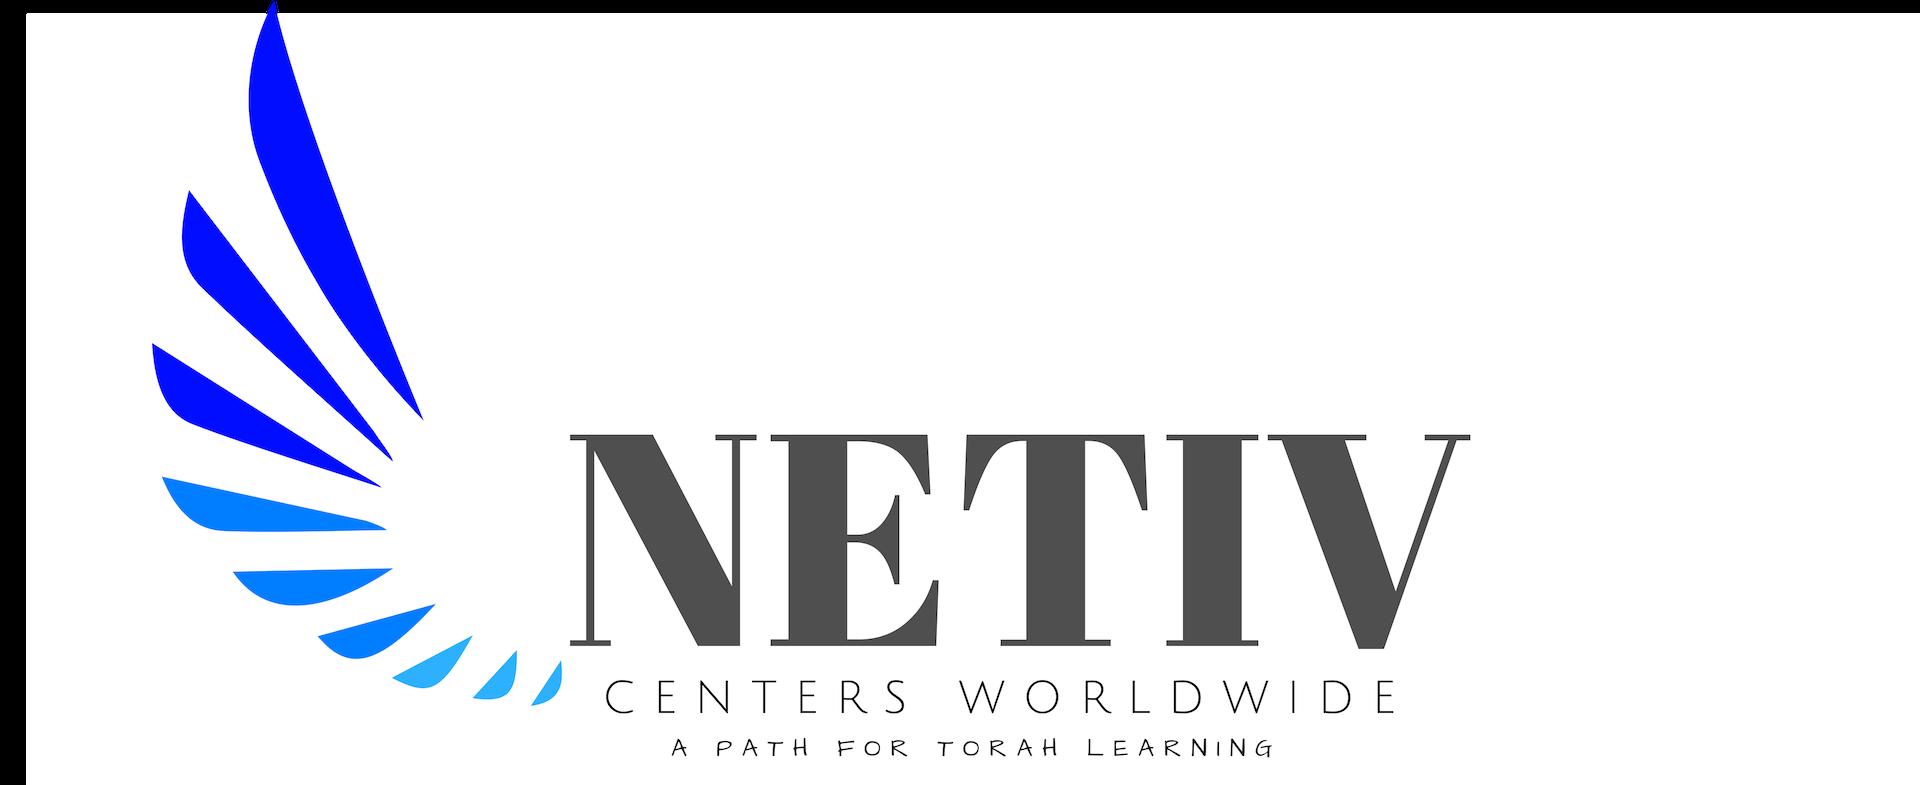 Netiv.net